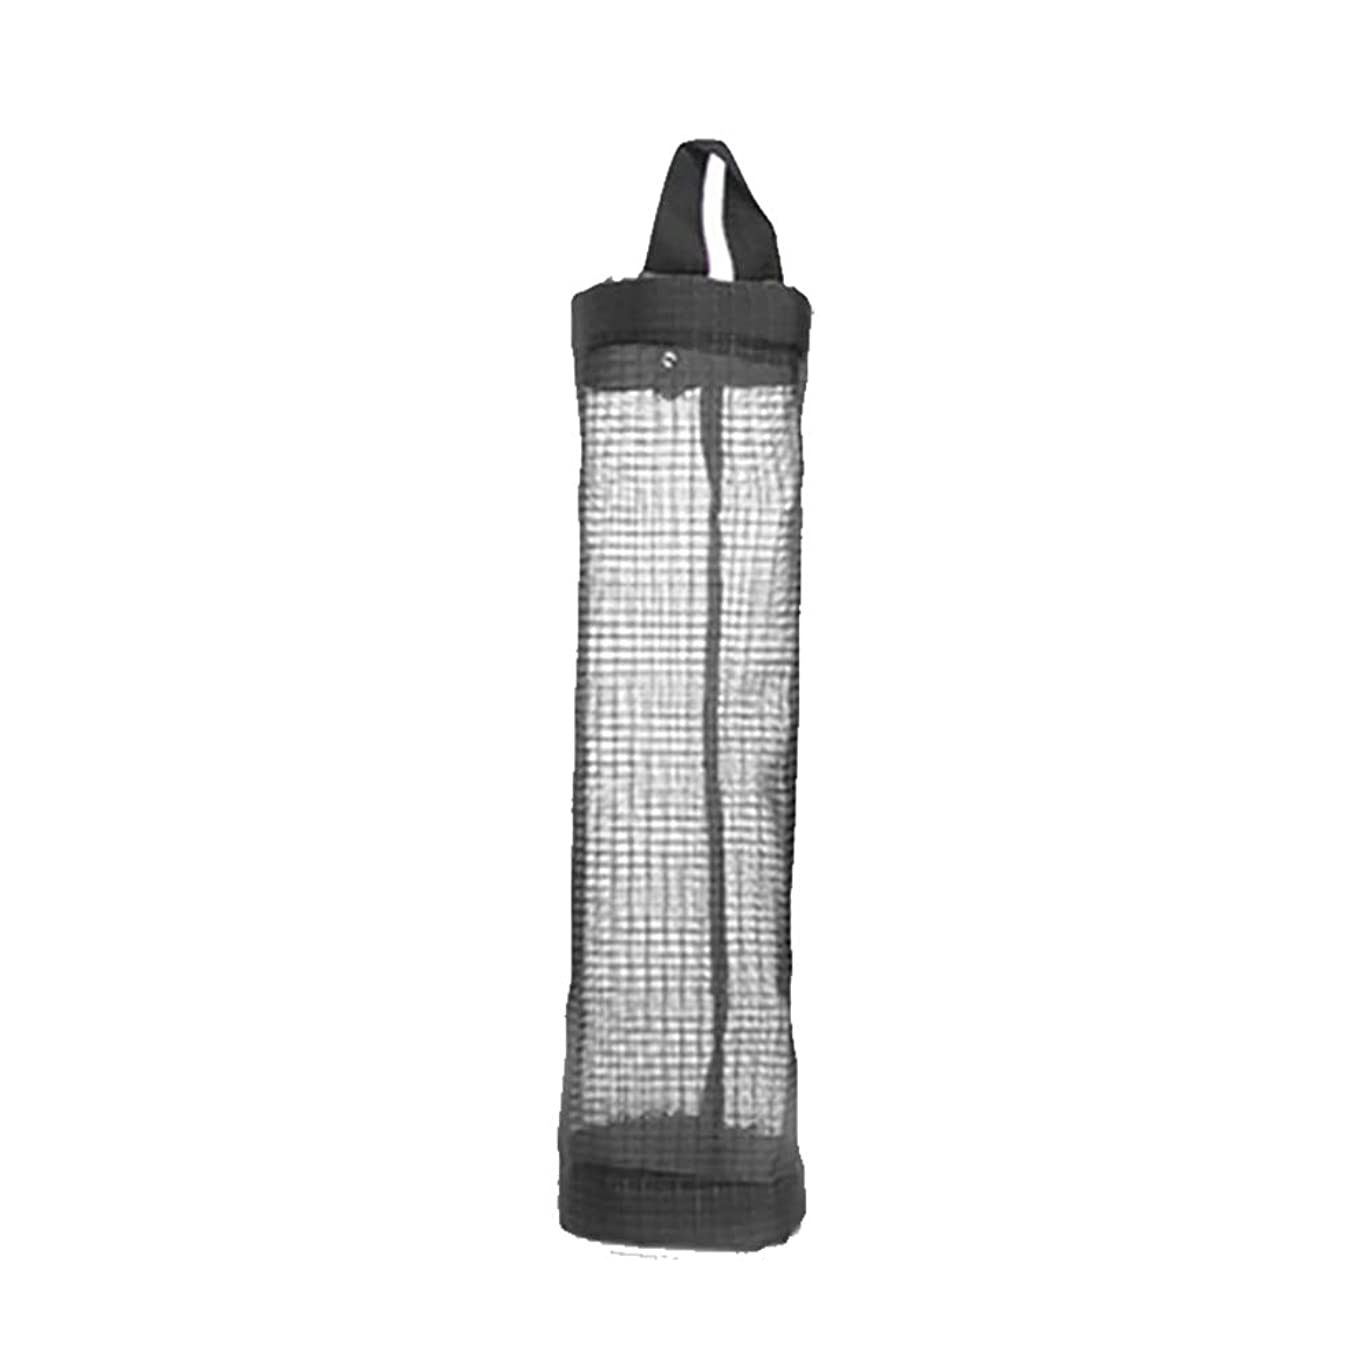 反動サイレン重なるCratone グリッド袋 収納バック ゴミ袋 収納袋 小物入れ 寮袋 ブラック ポリエステル 40*12cm